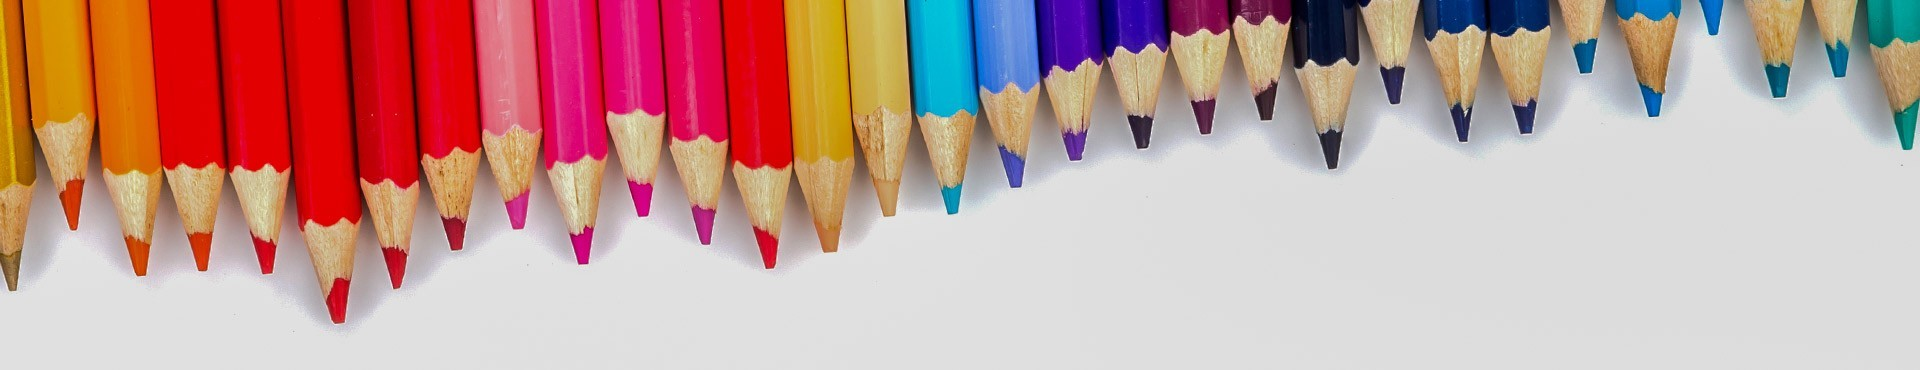 Lápices de colores y esbozo sueltos